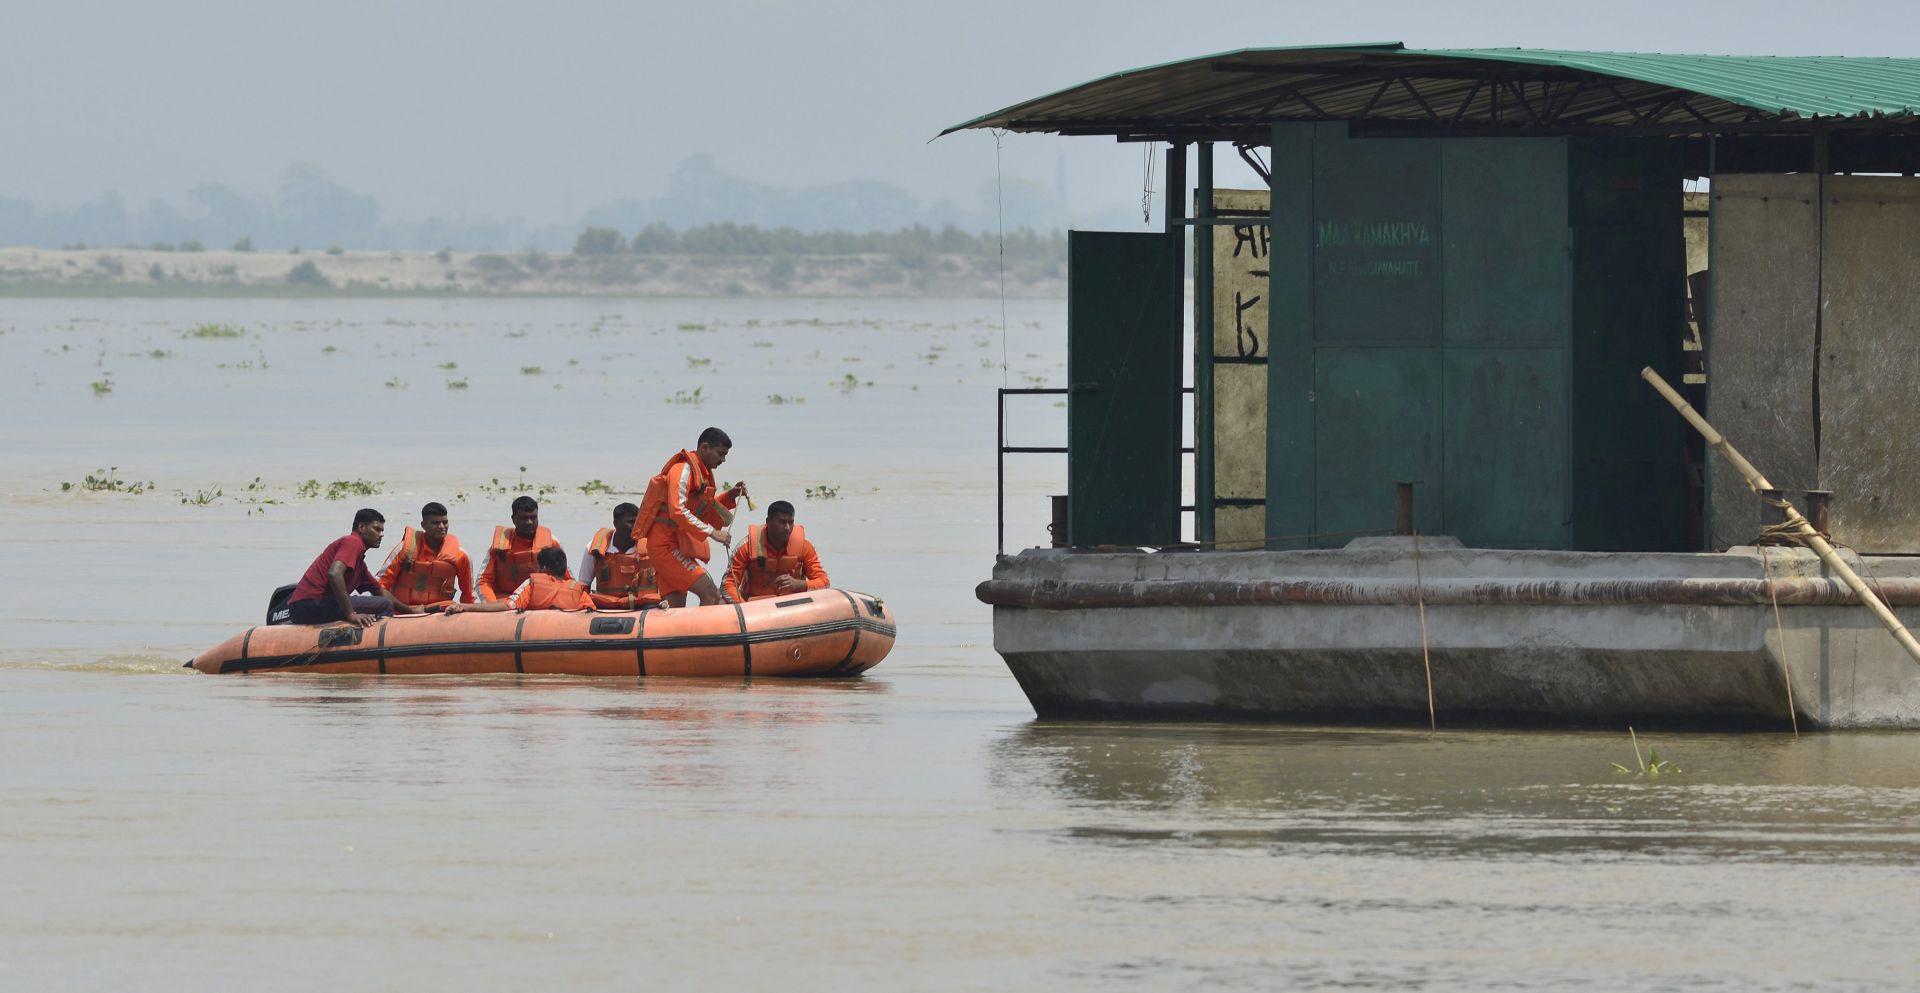 CIKLON ROANU: Bangladeš evakuira dva milijuna ljudi pred ciklonom